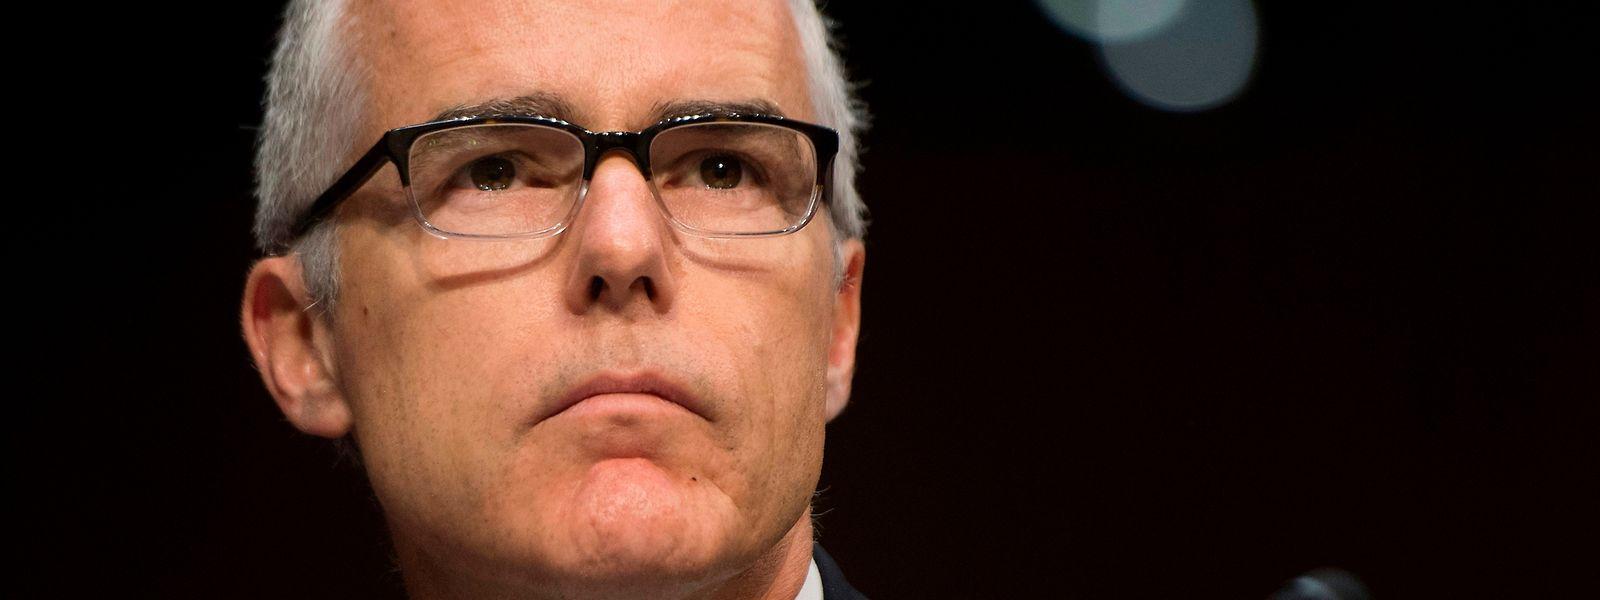 """Einem Bericht der """"New York Times"""" zufolge erfuhr McCabe in der Nacht zum Samstag aus einer Pressemitteilung des Justizministeriums von seiner Entlassung."""